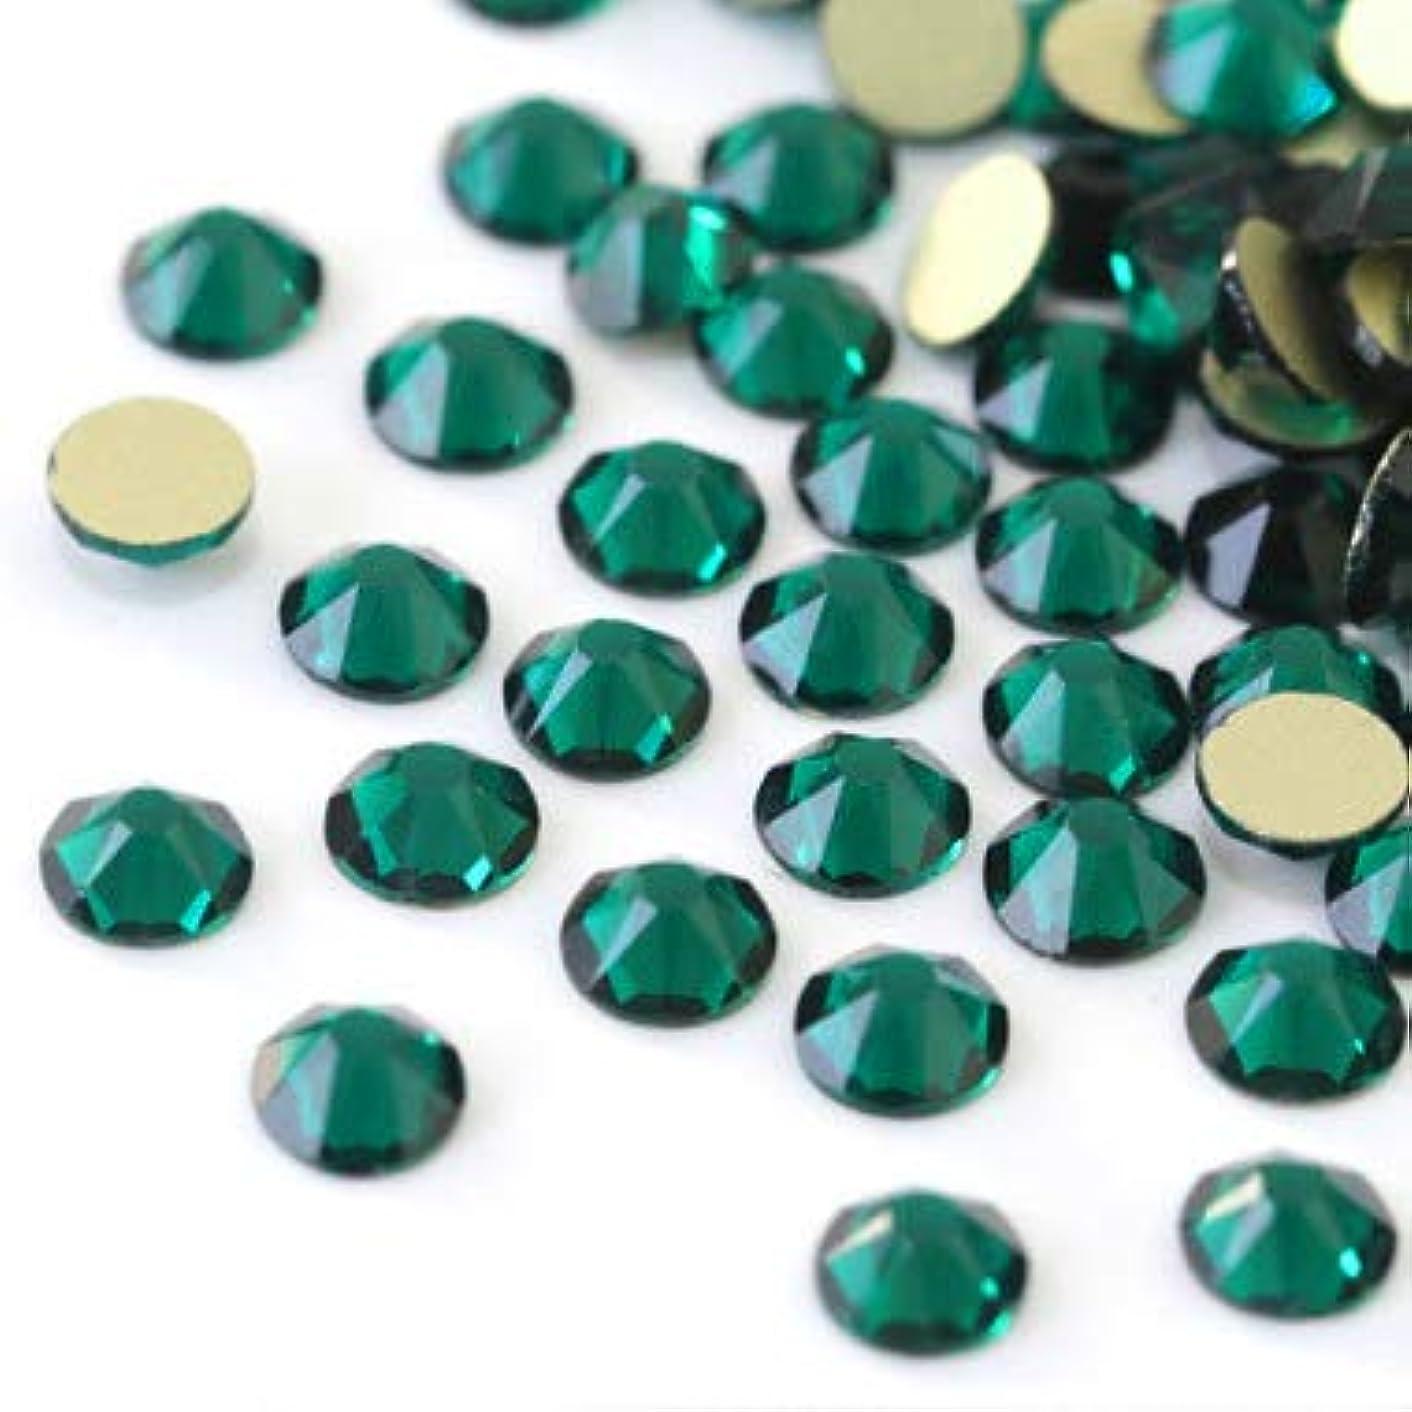 調和のとれたダイヤモンド乱れ【ラインストーン77】 超高級 ガラス製ラインストーン SS4~SS30 ブルージルコン スワロフスキー同等 (4.0mm (SS16) 約150粒)